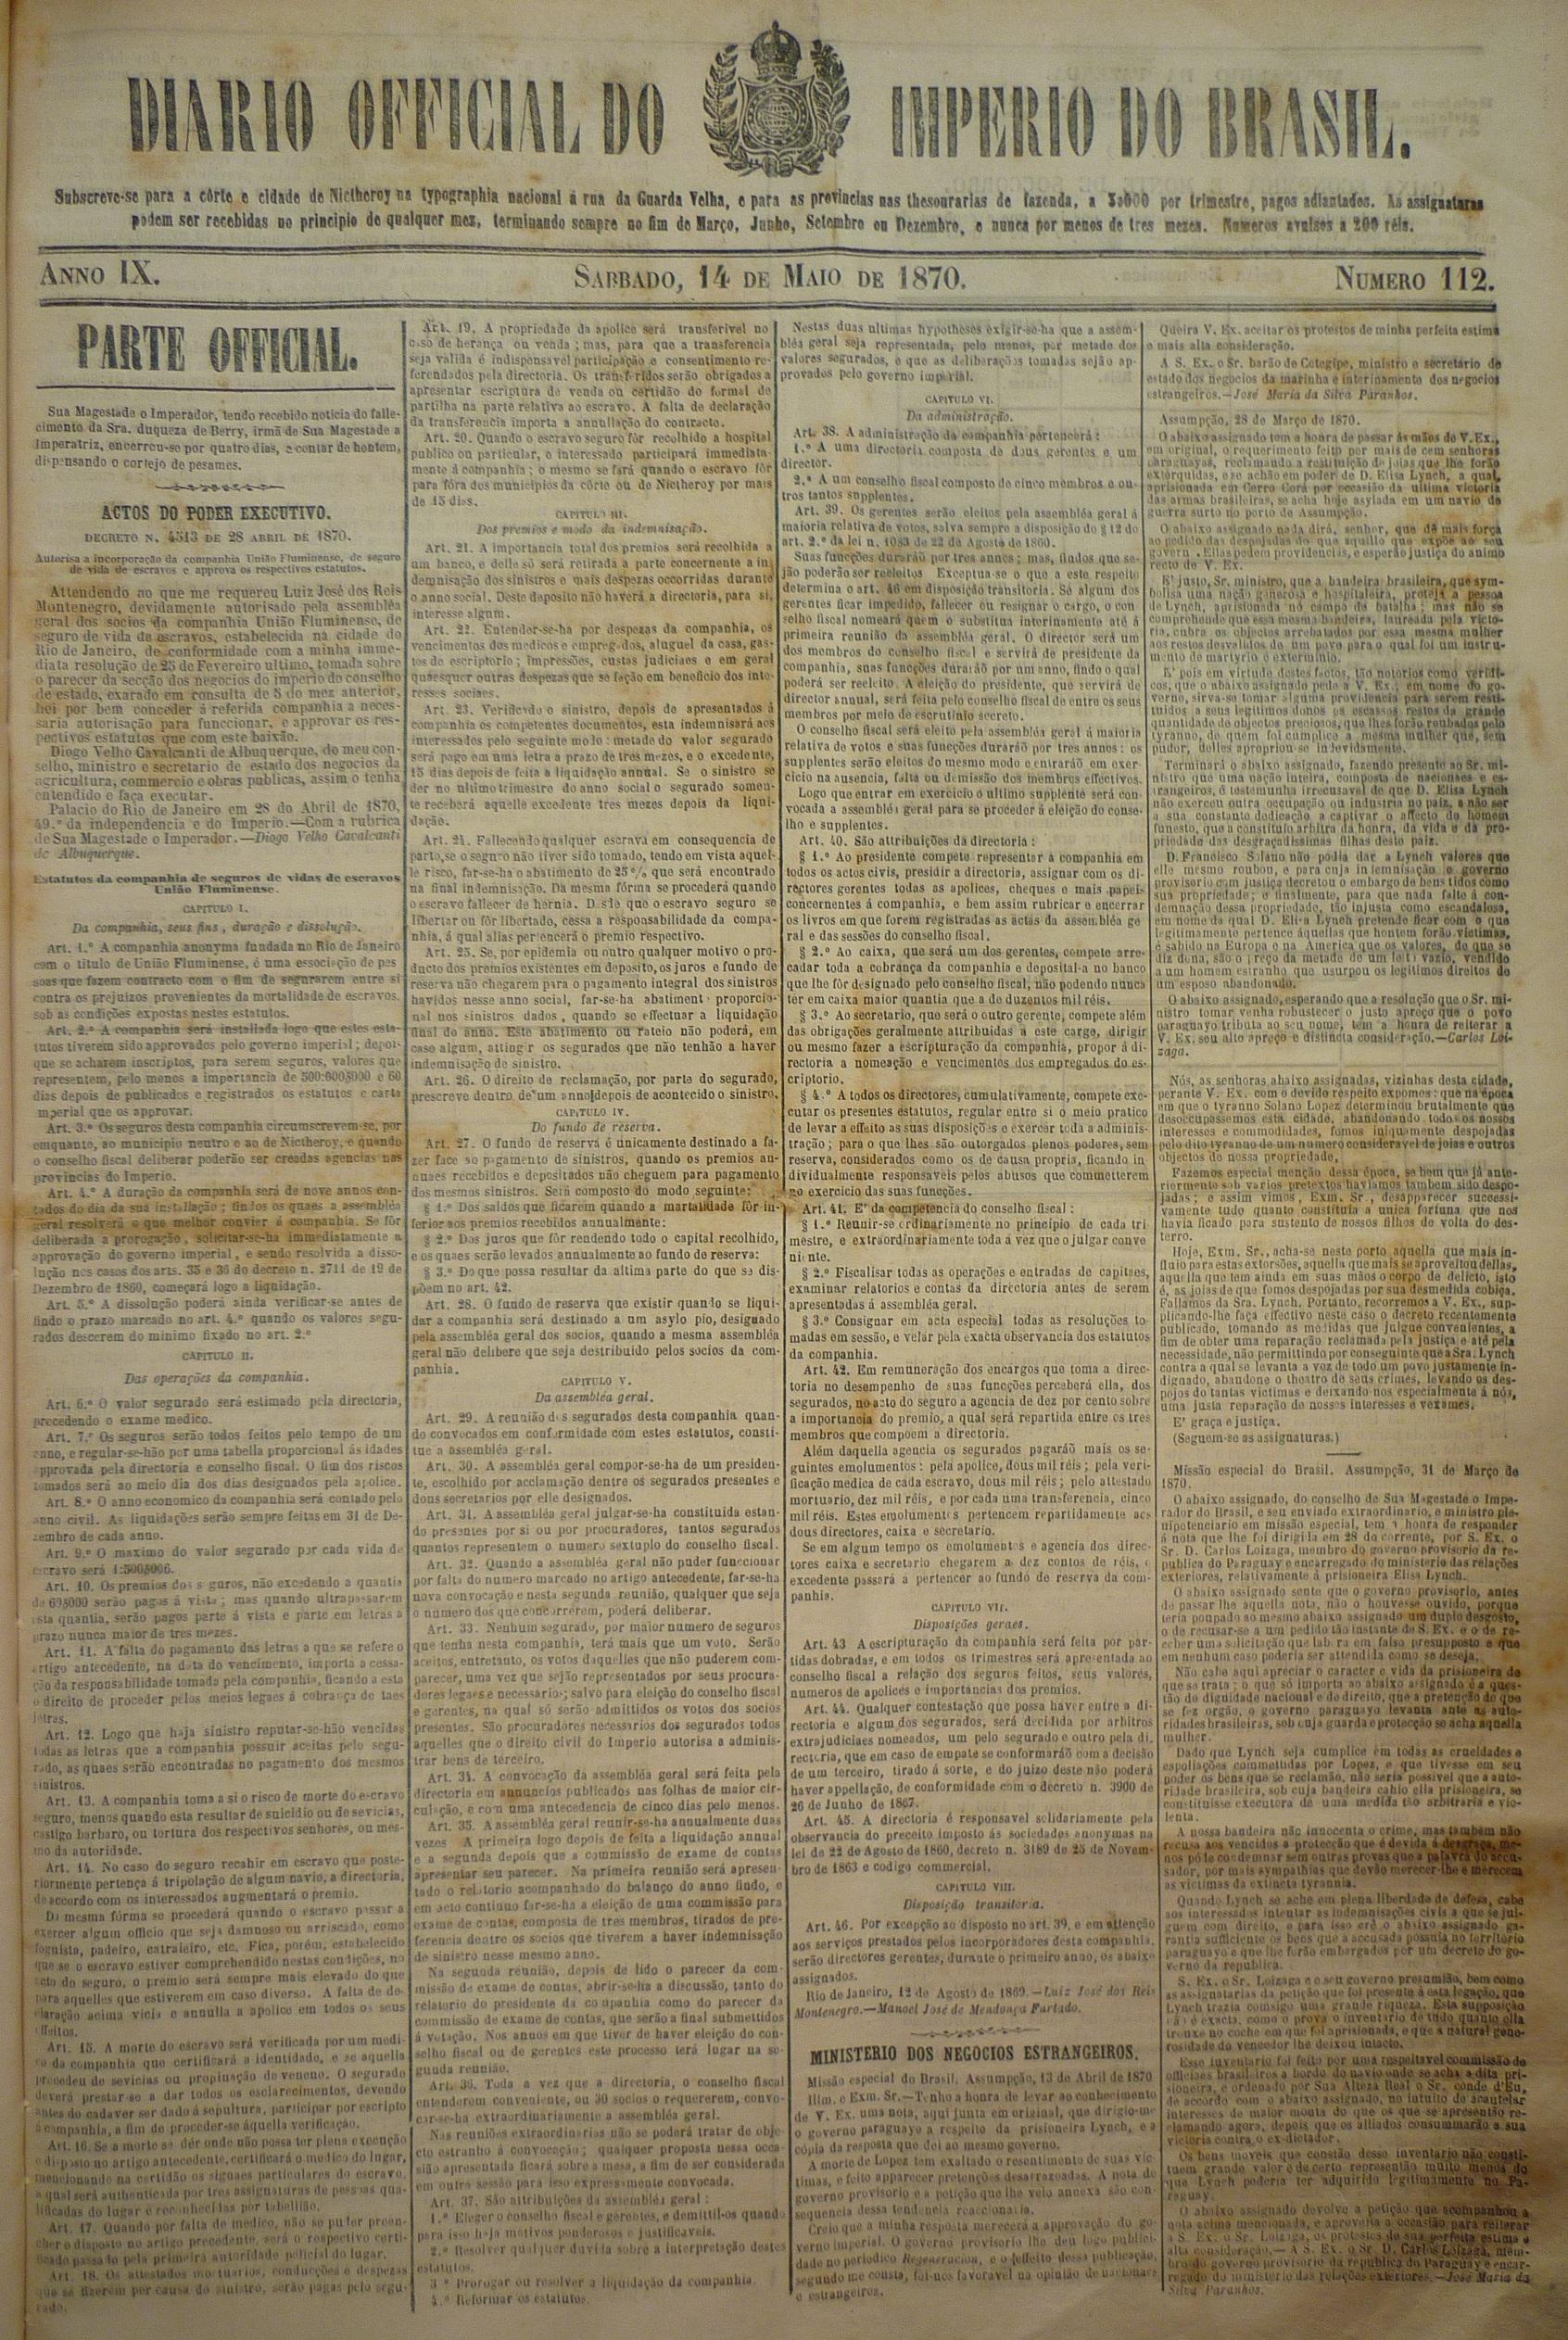 Autorisa a incorporação companhia União Fluminense, de seguro de vida de escravos e approva os respectivos estatutos.